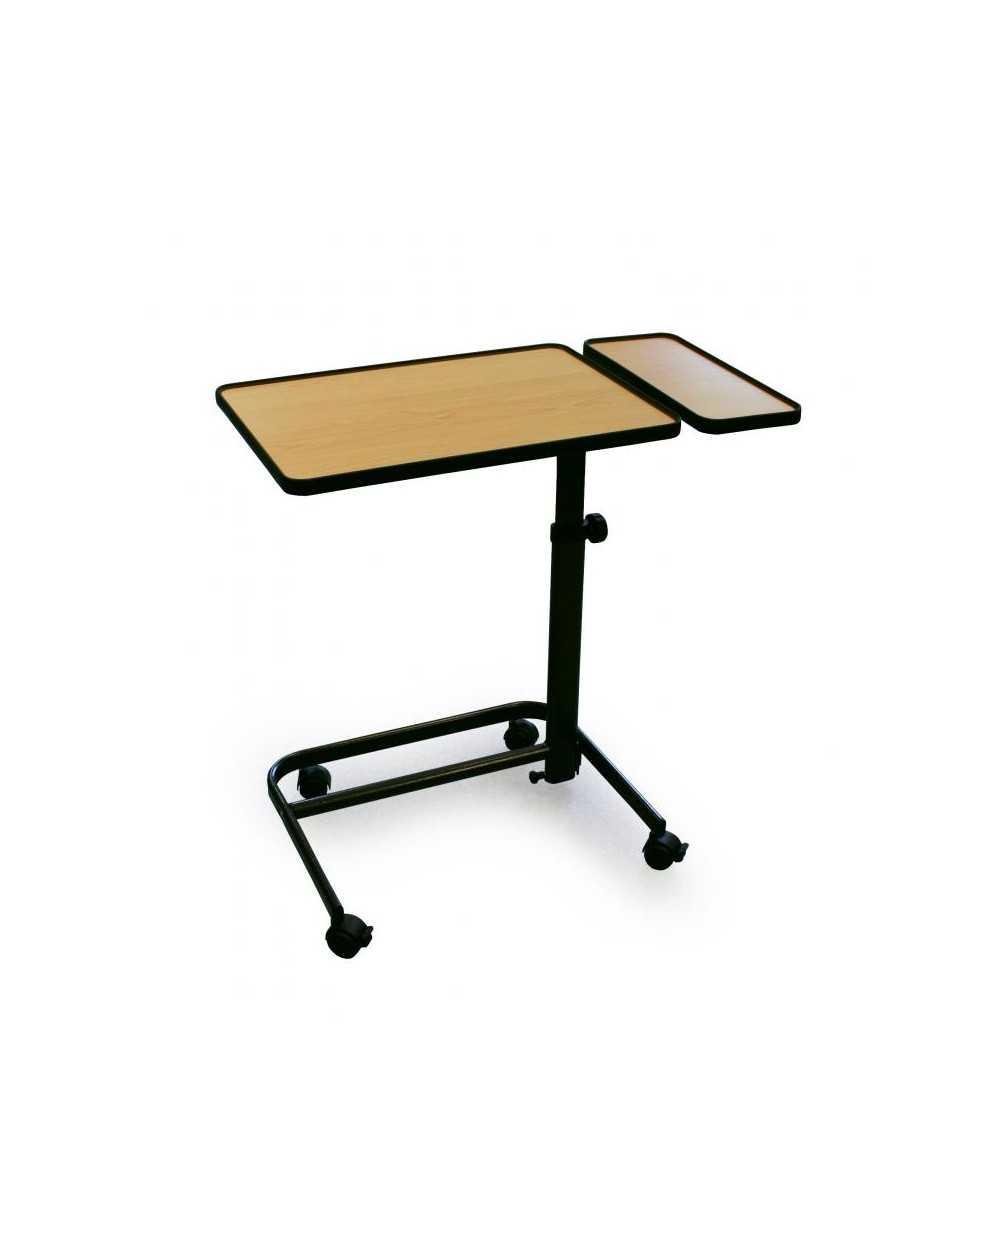 Table à manger au fauteuil avec tablette latérale fixe. Coloris : Hêtre.